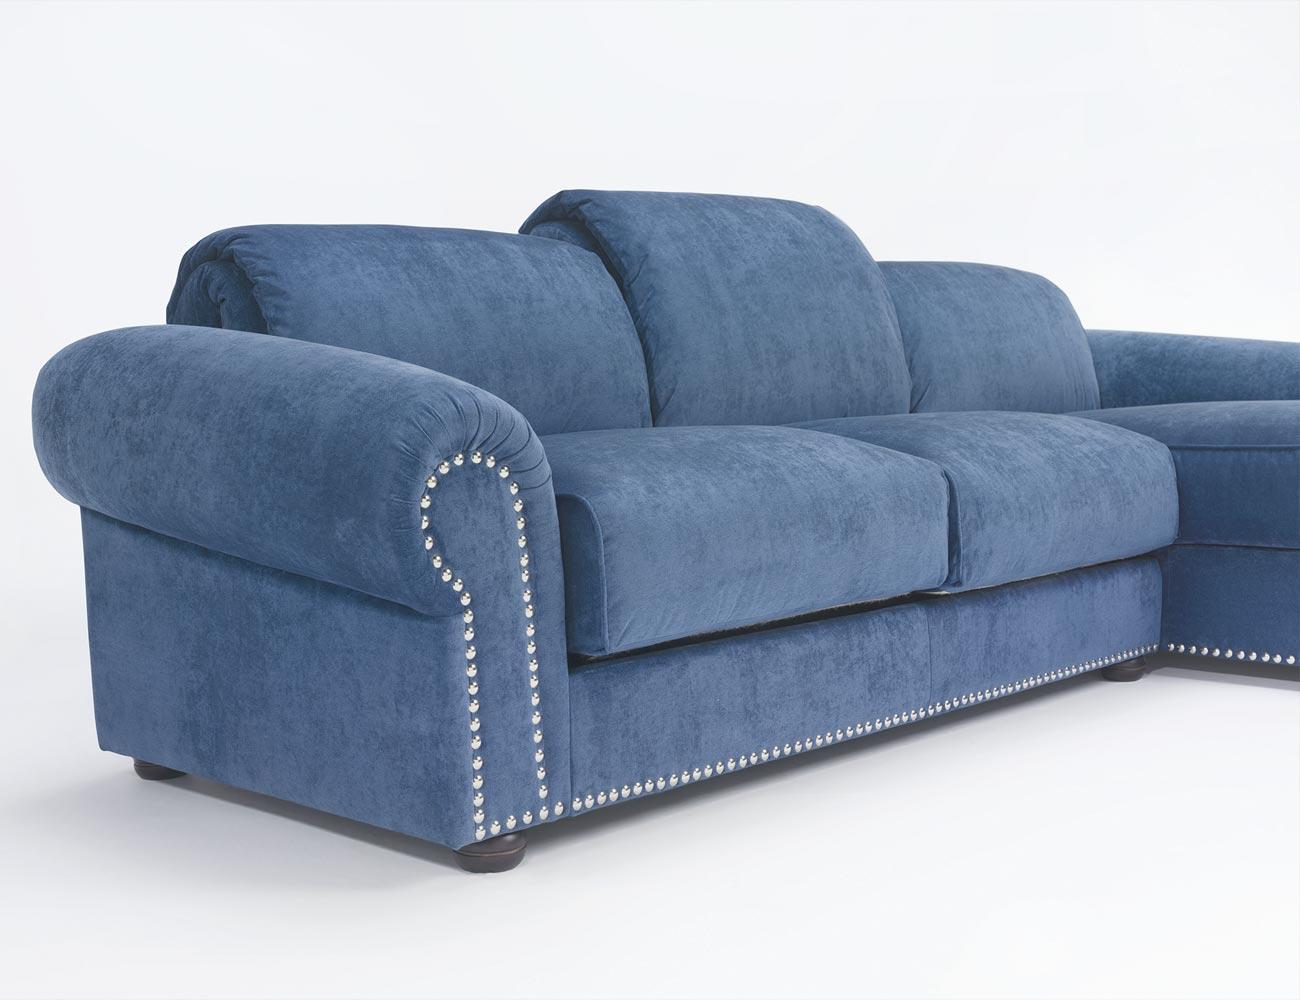 Sofa chaiselongue gran lujo decorativo azul 124